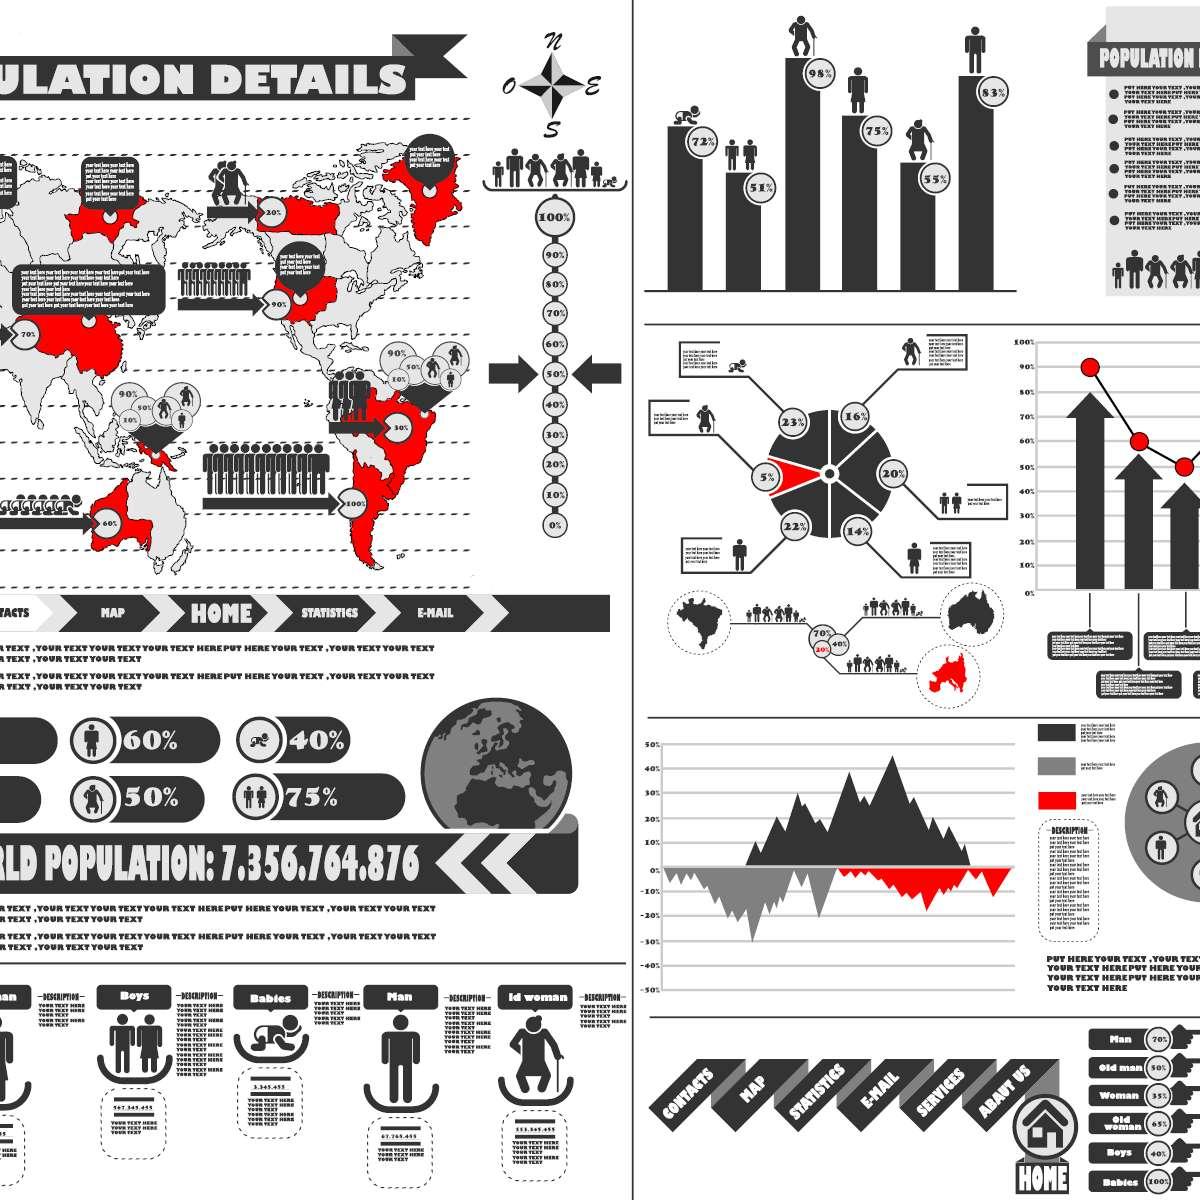 Infographic ontwerpen